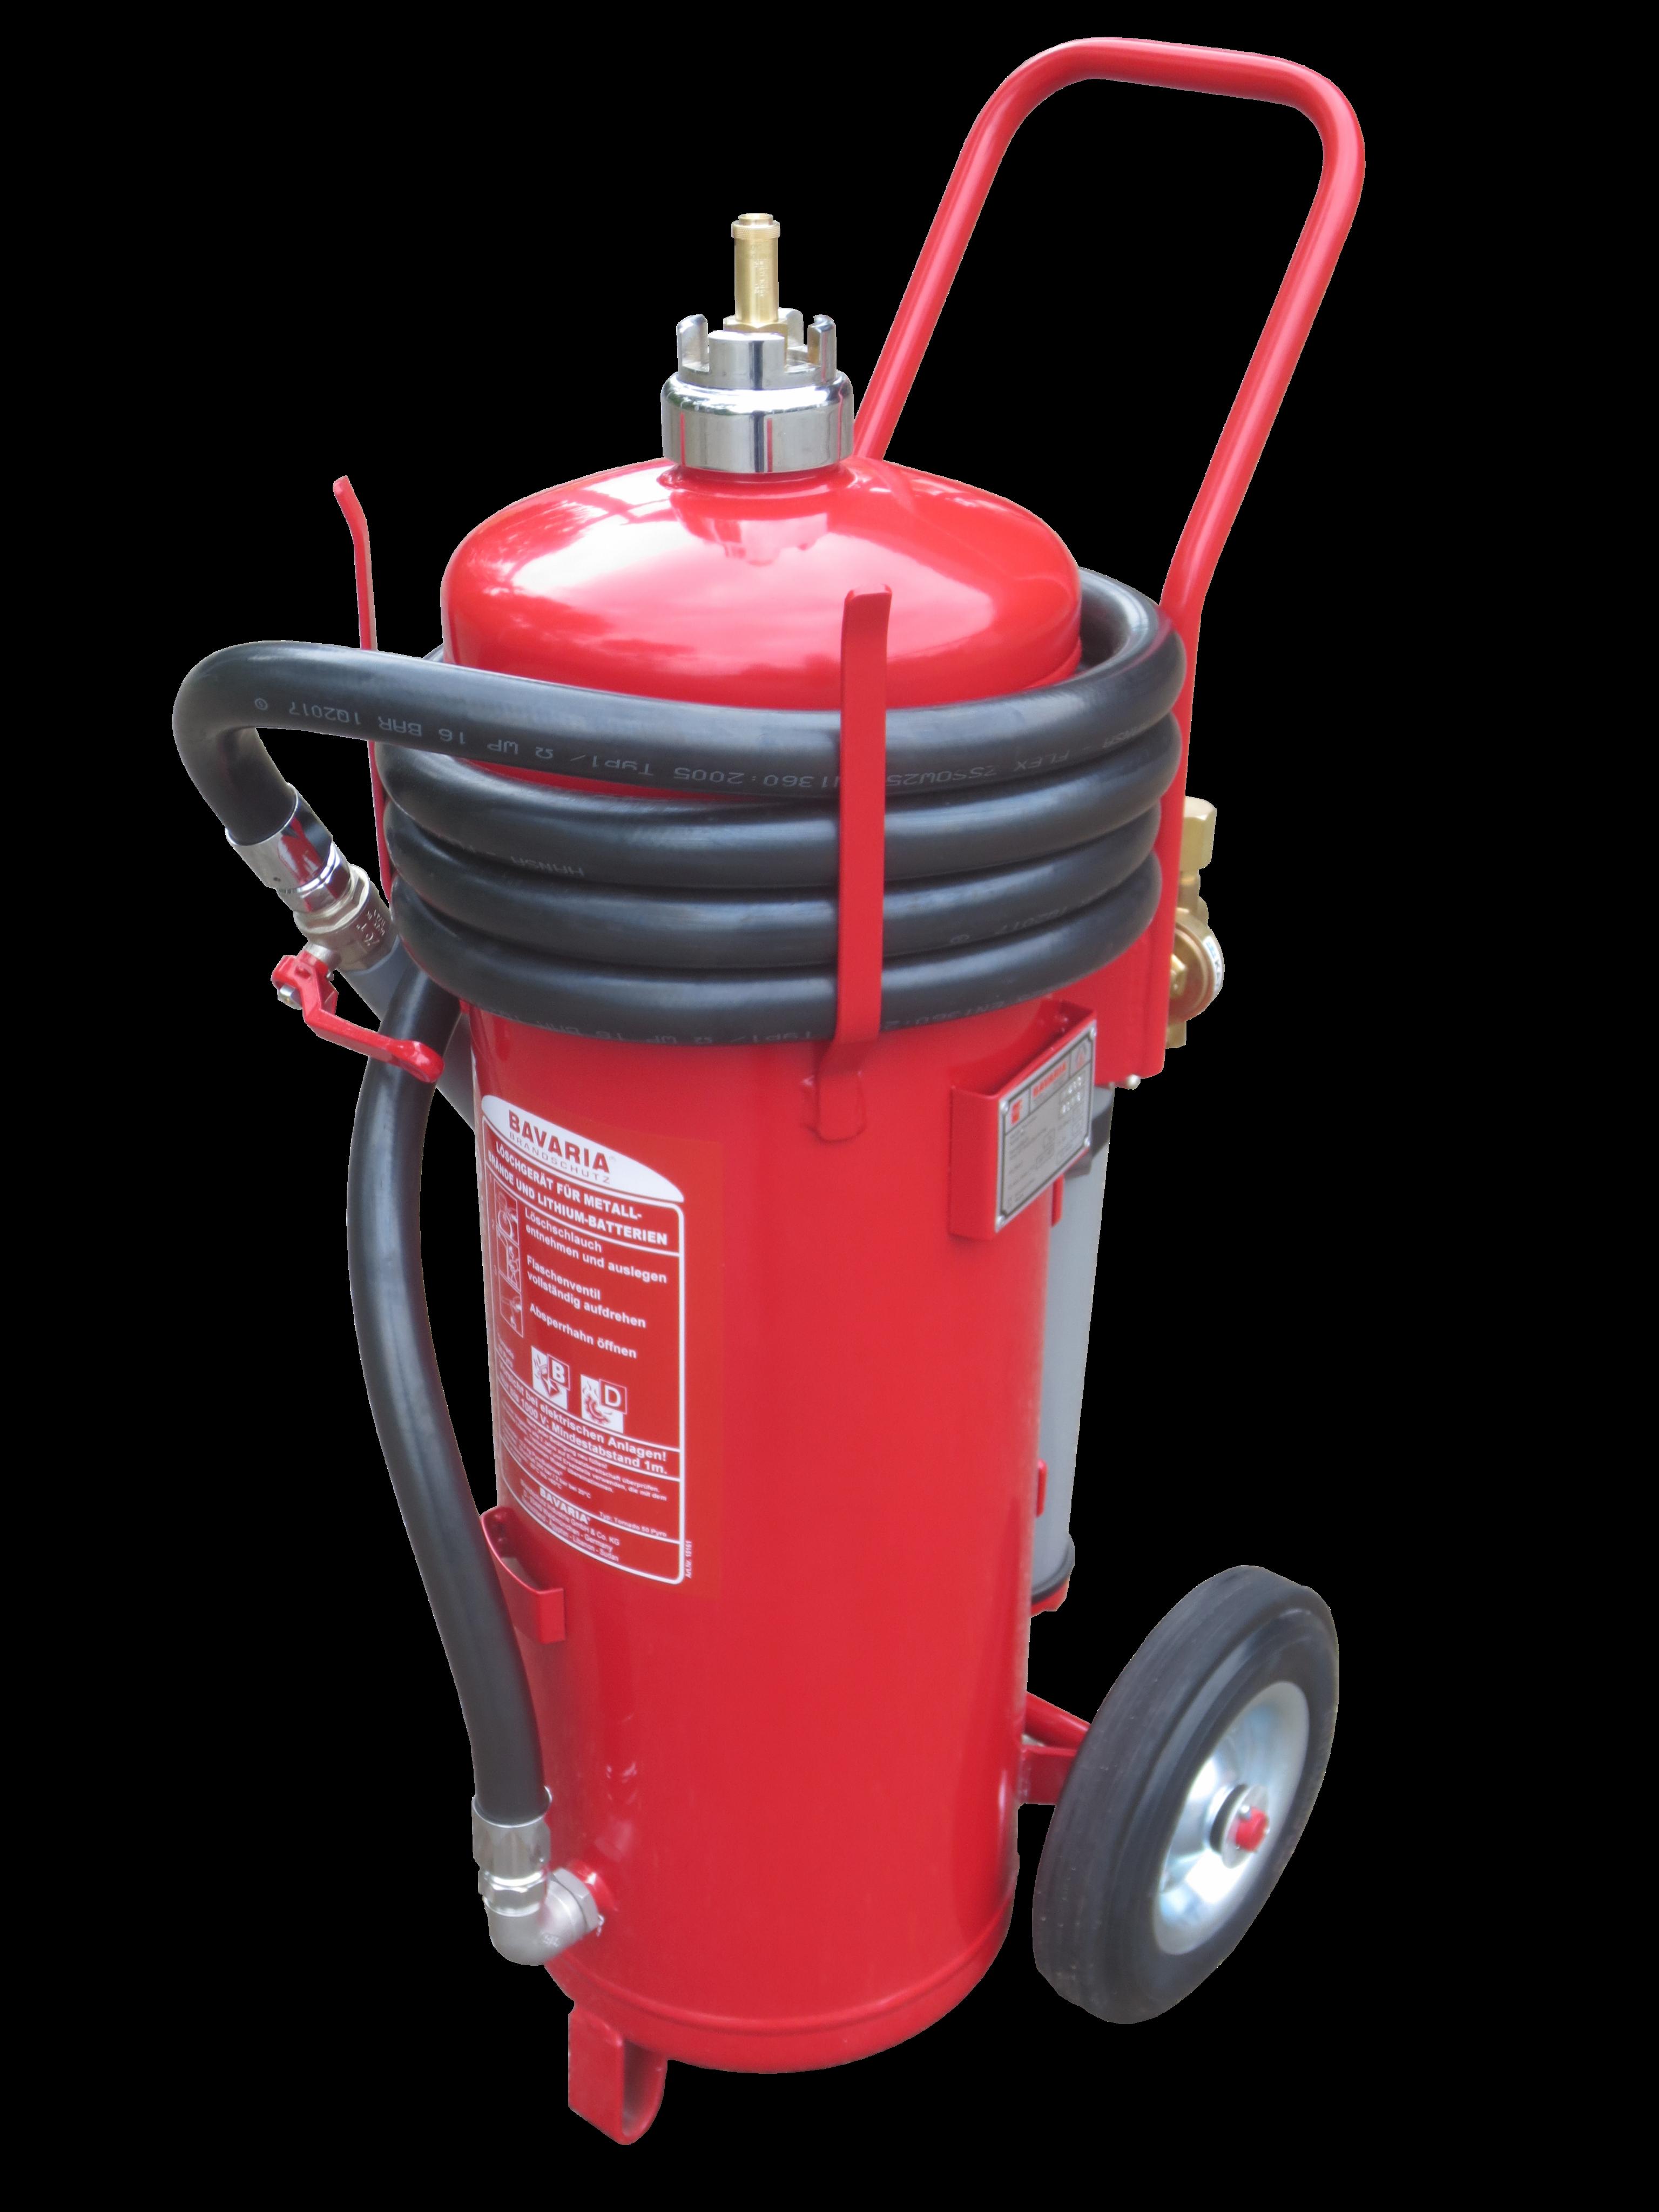 Der Bavaria Lithium Feuerlöscher eignet sich ideal für die Brandklassen A,B,D und F. Löschen und kühlen von Lithium-Ionen Akkus mit Extover